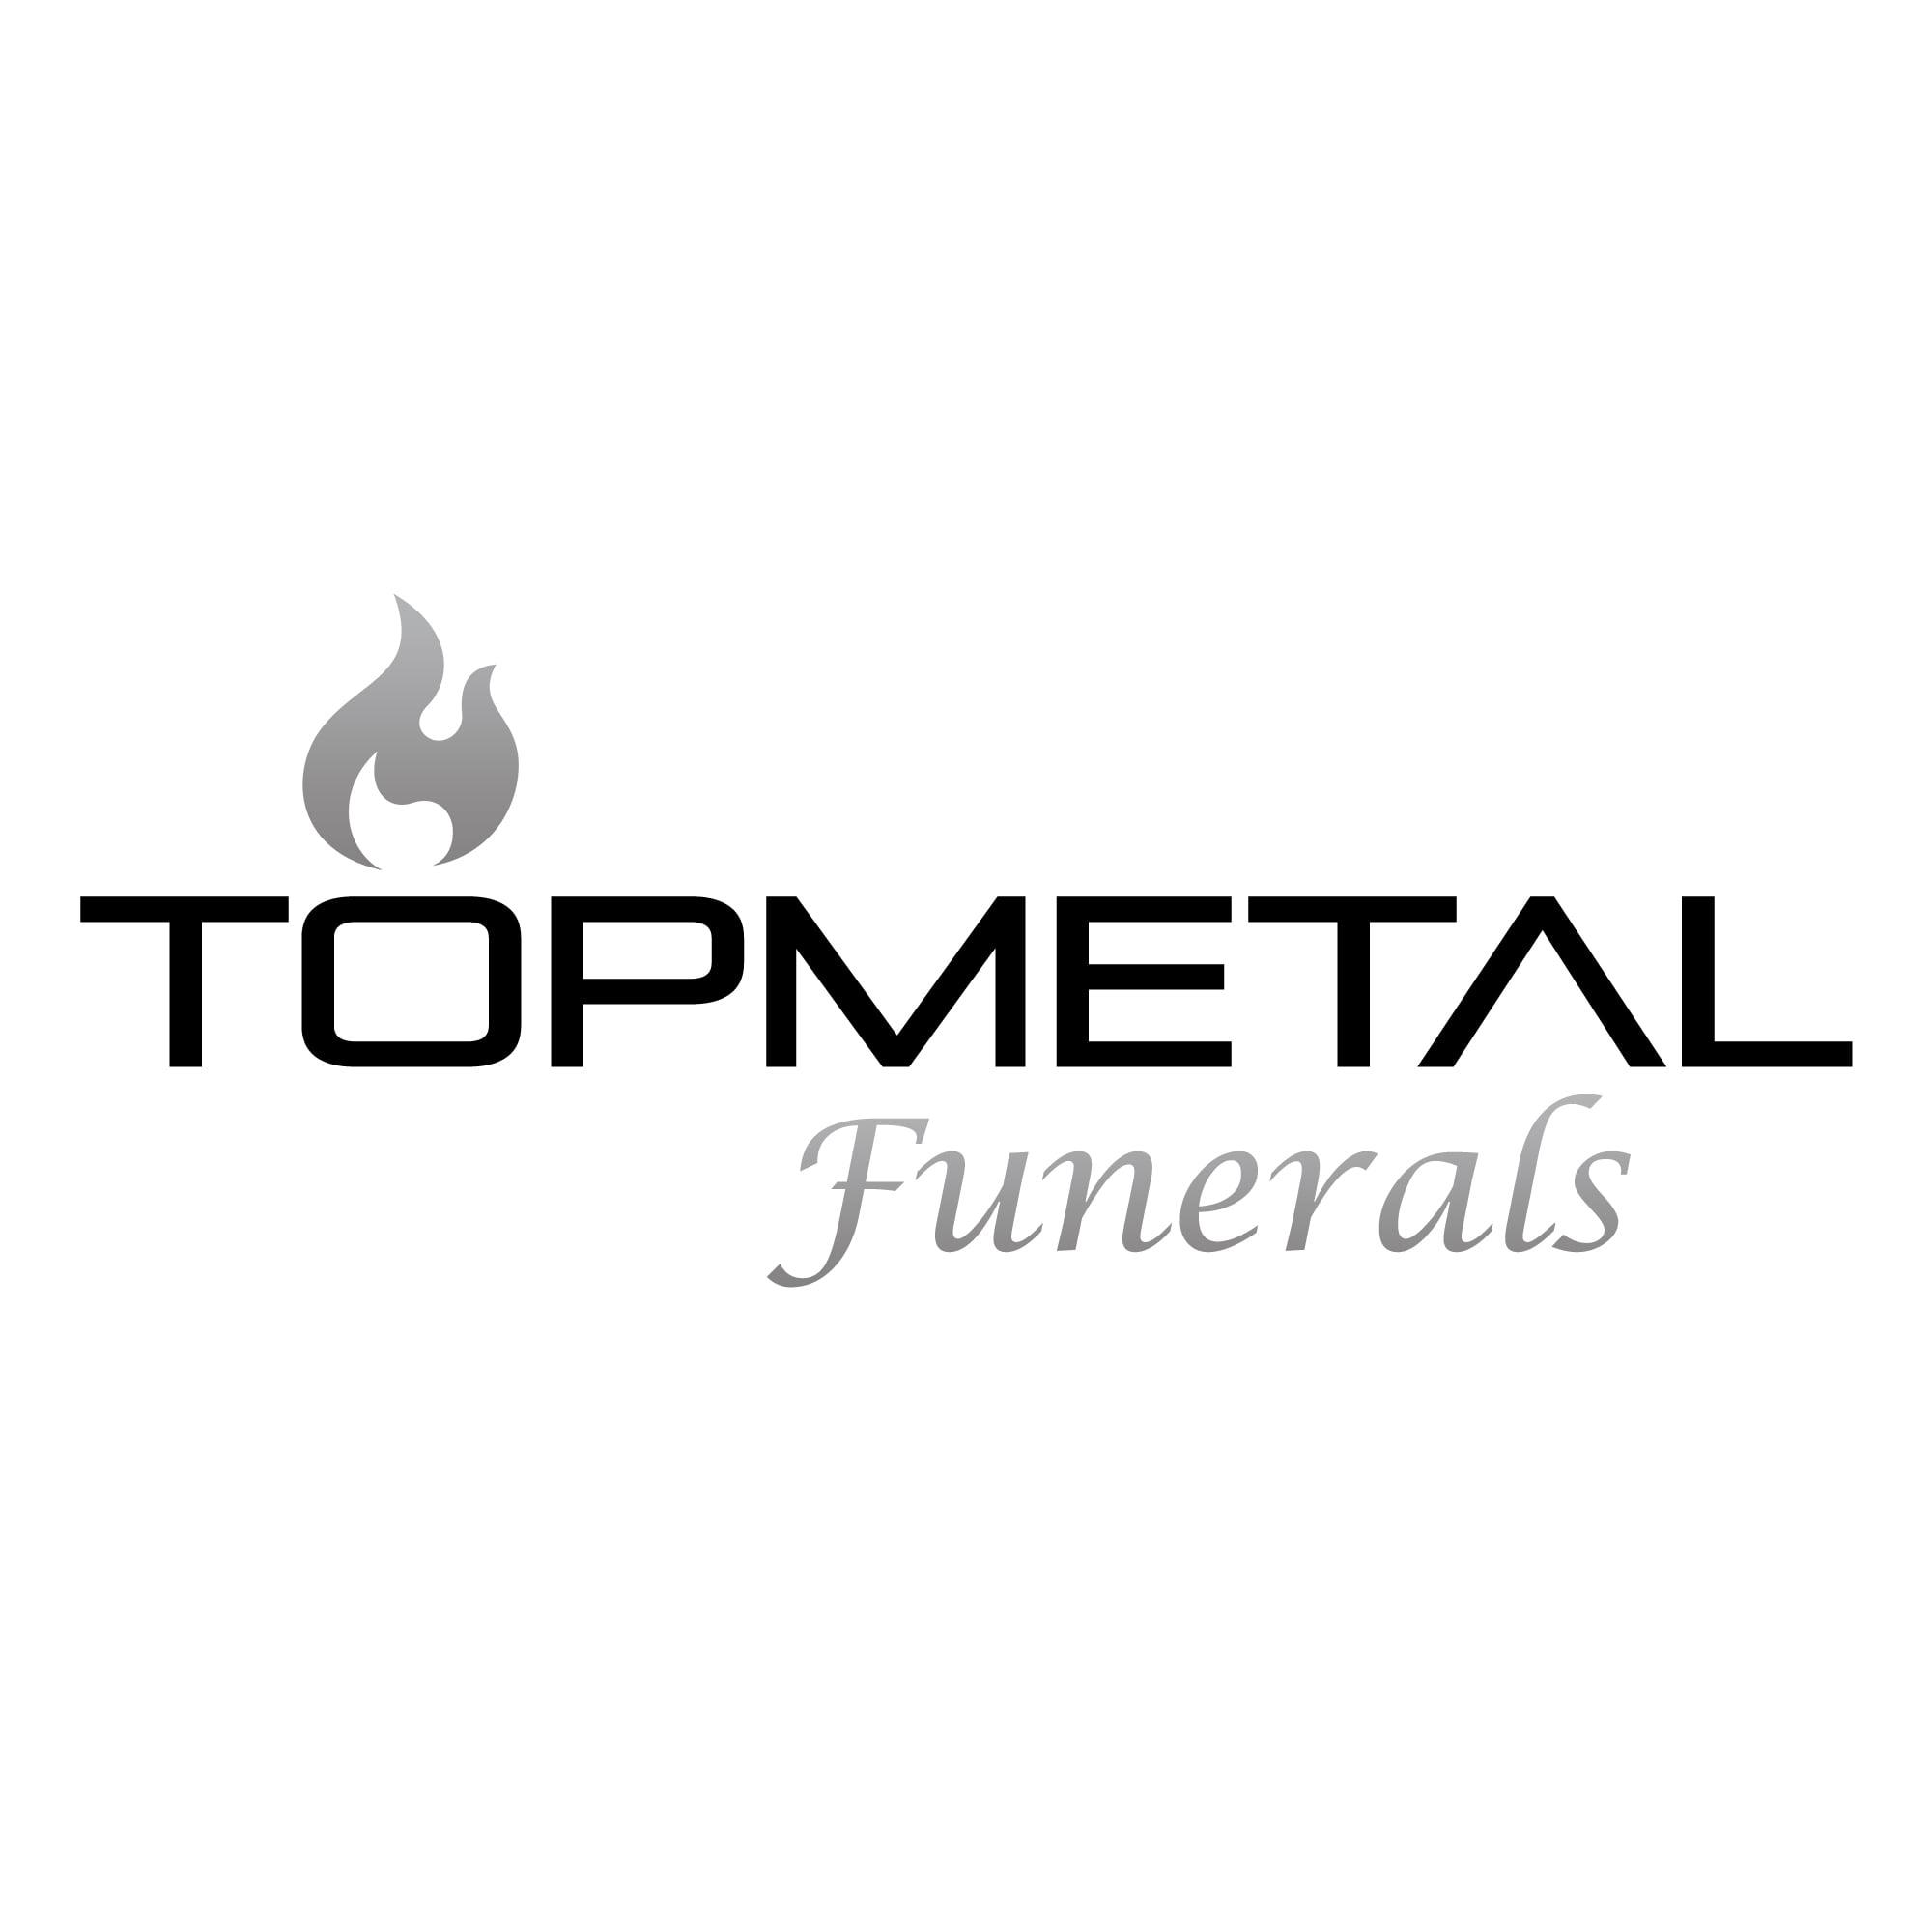 TOPMETAL FUNERALS